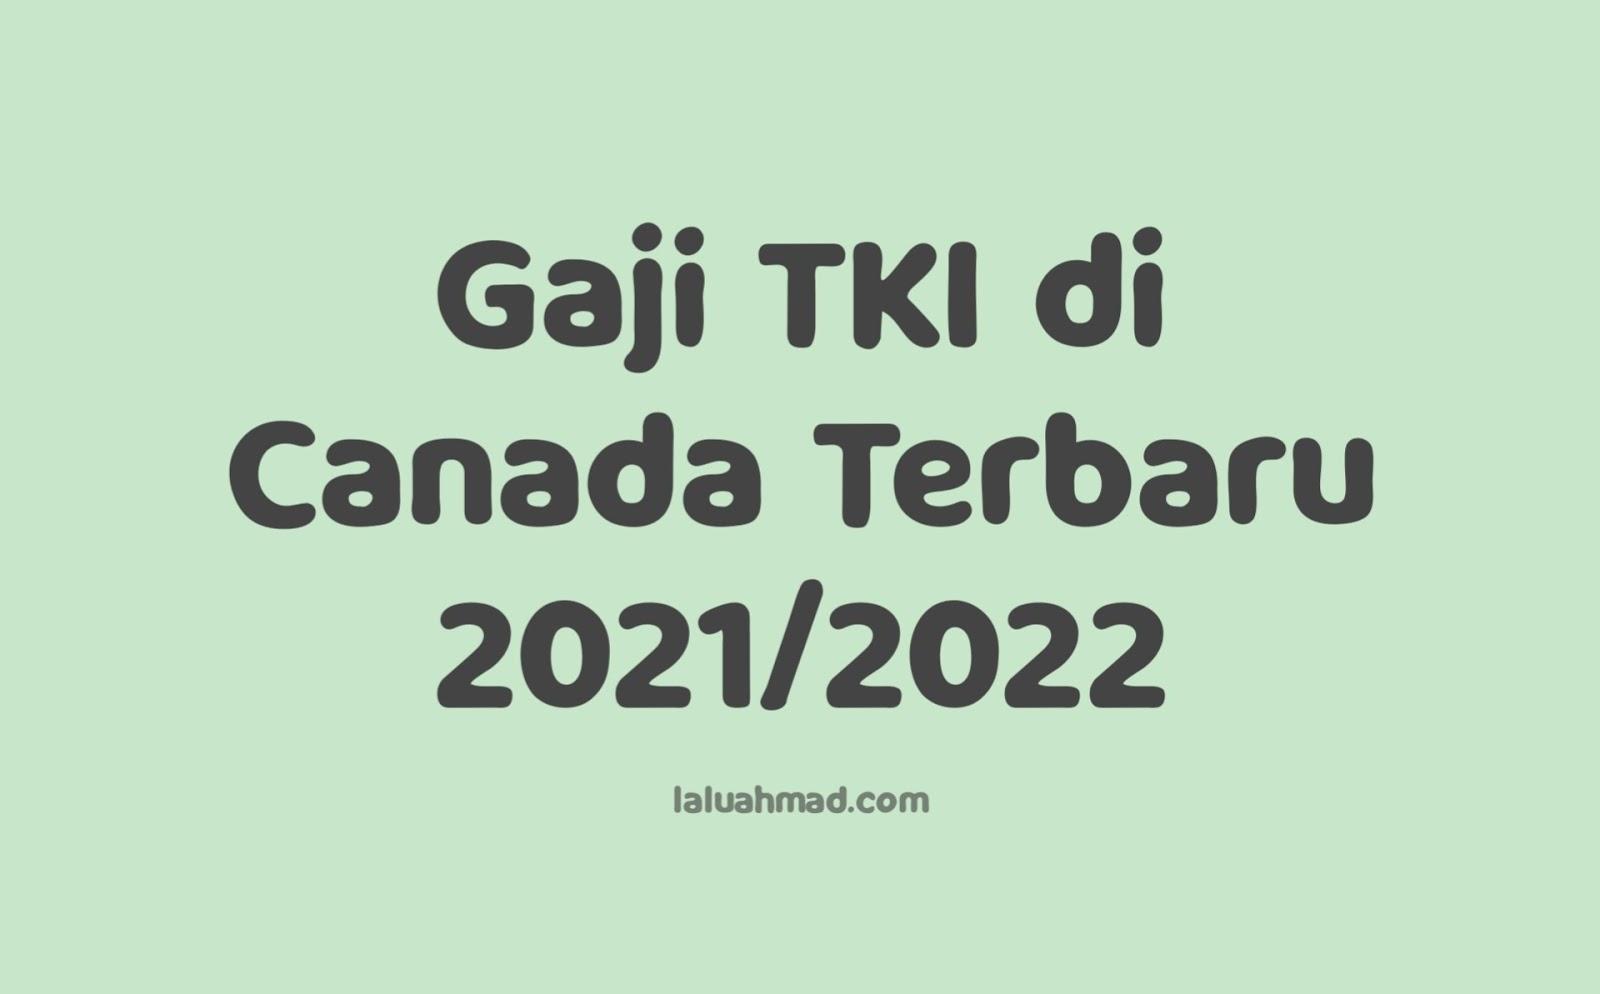 Gaji TKI di Canada Terbaru 2021/2022